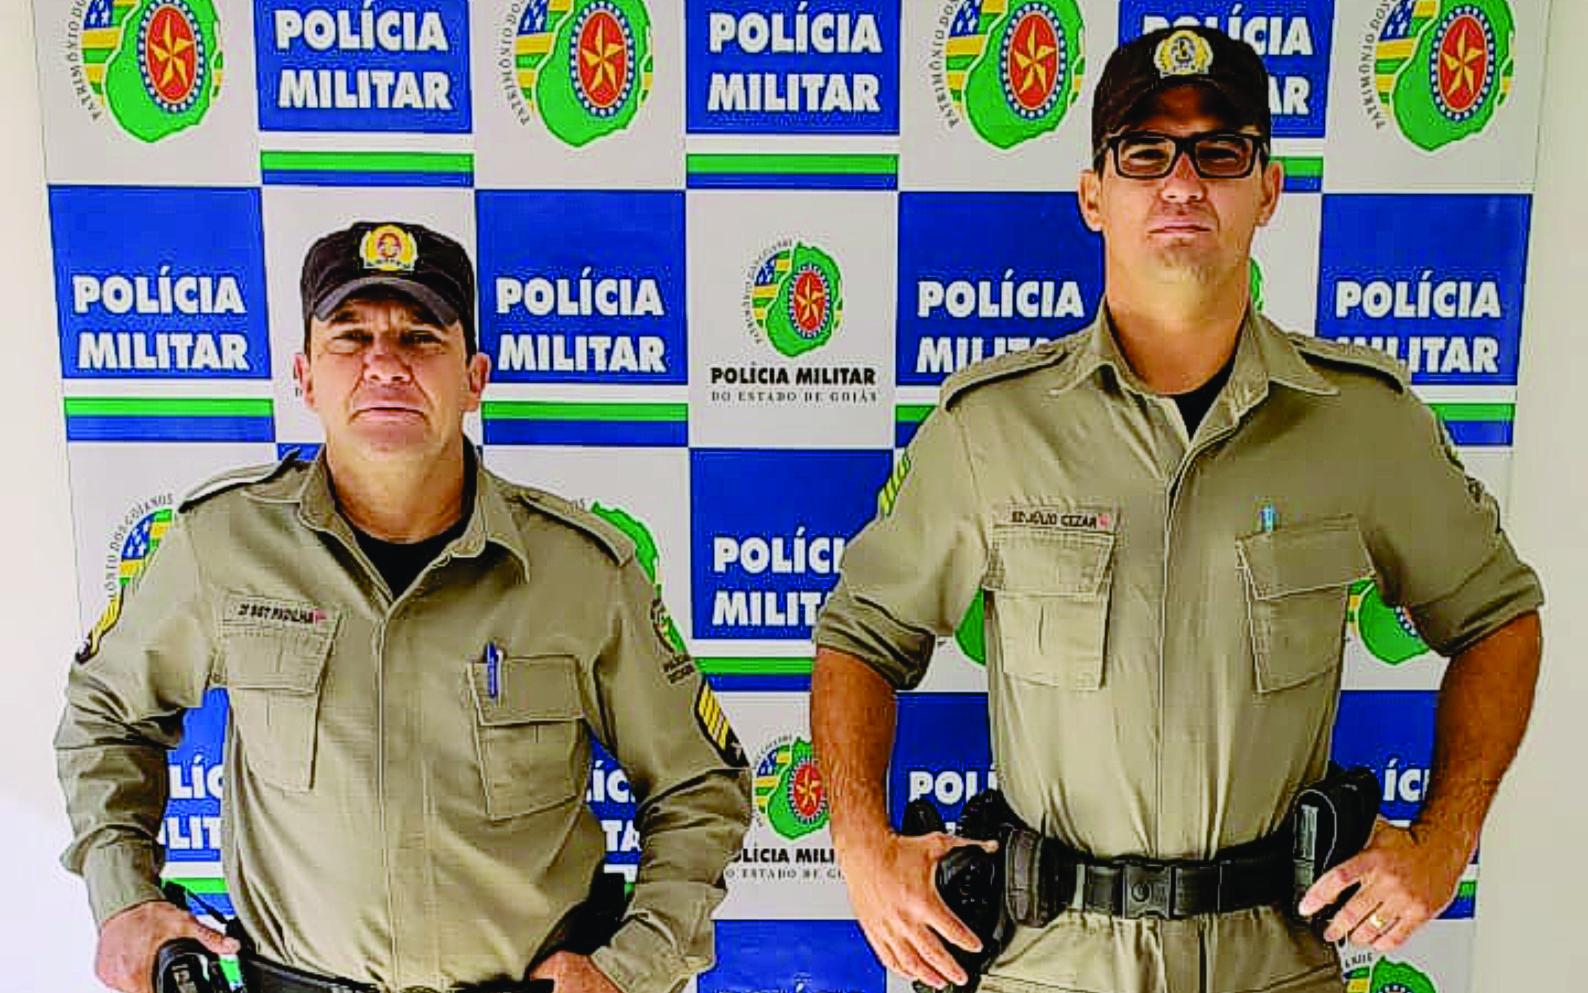 Jussara: Ação rápida e eficiente de policiais militares evita consumação de suicídio